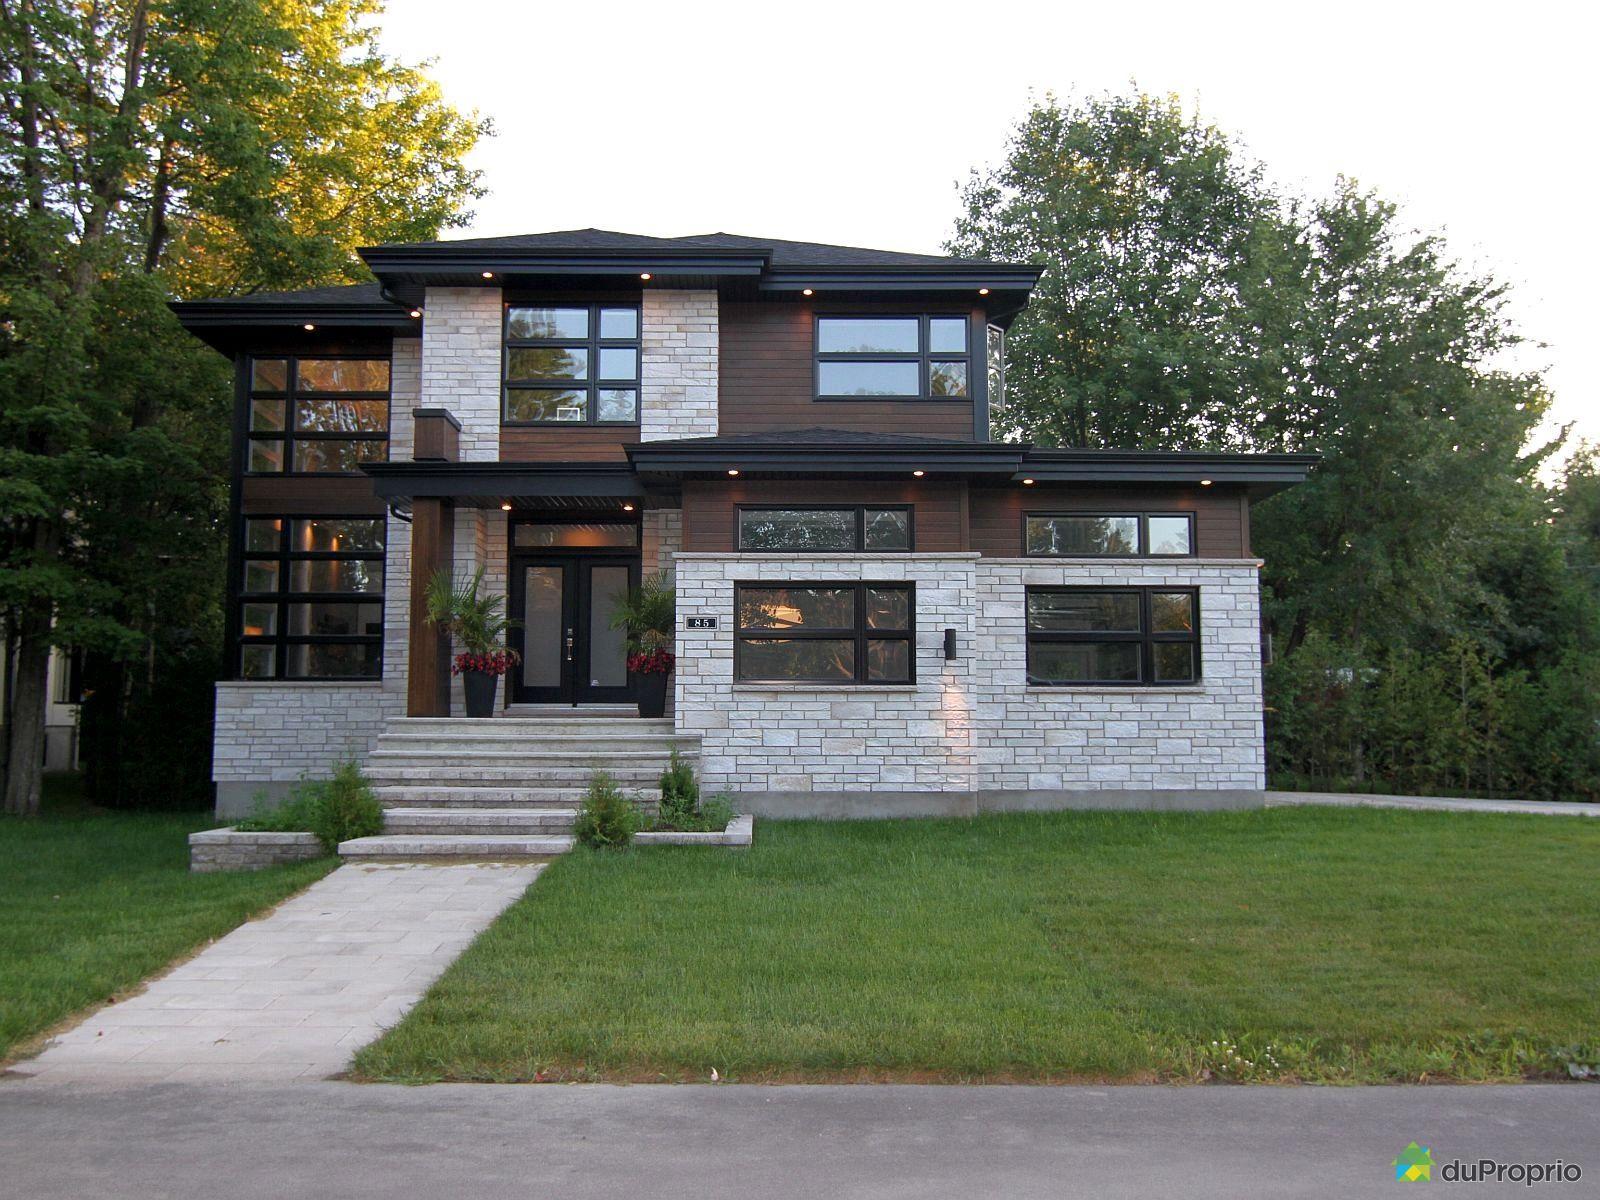 Maison moderne a vendre blainville - Maison moderne de luxe a vendre ...